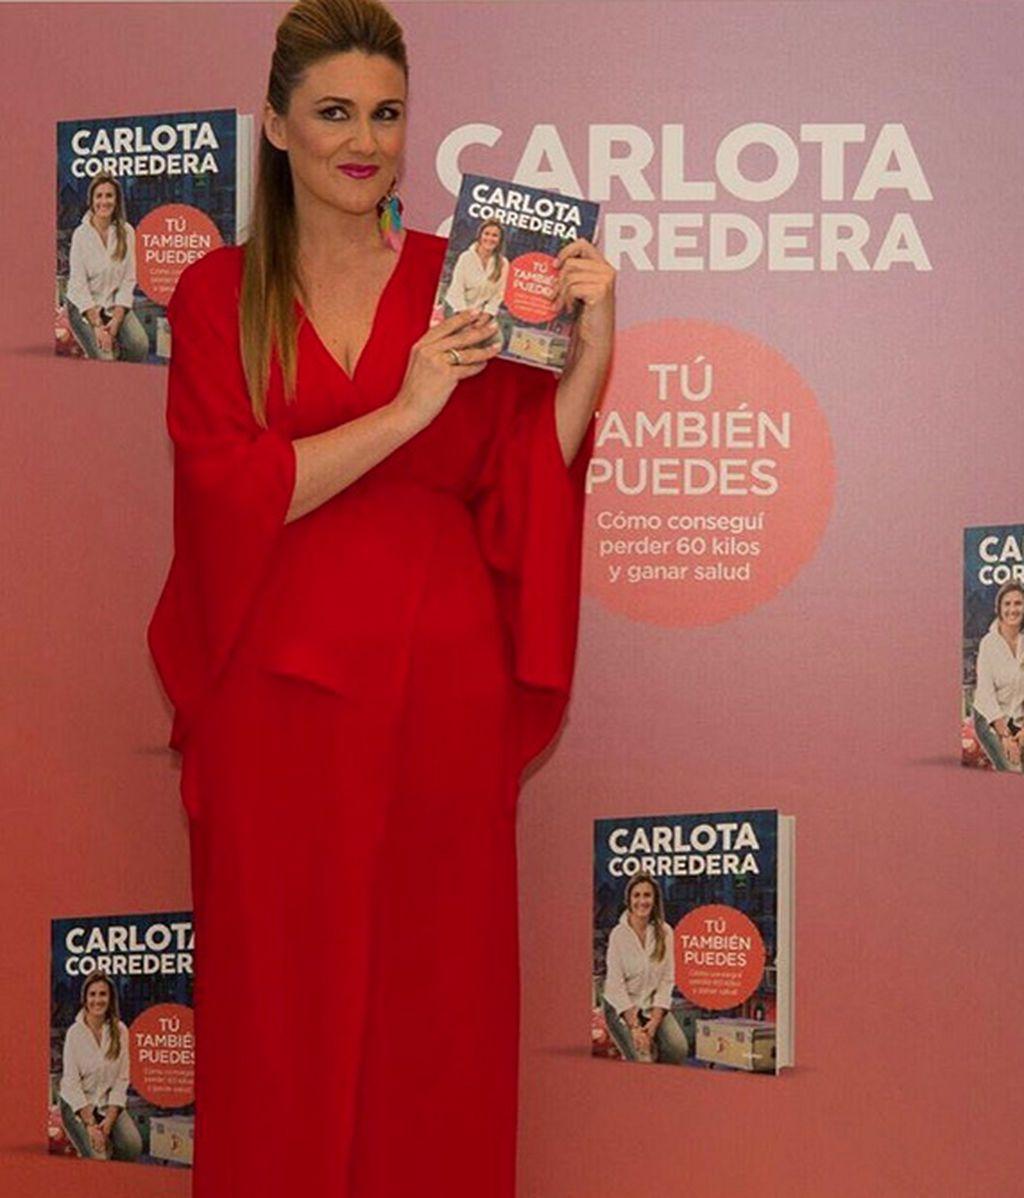 ¡Urgente! Carlota Corredora se encuentra en búsqueda del hombre que le envió un libro